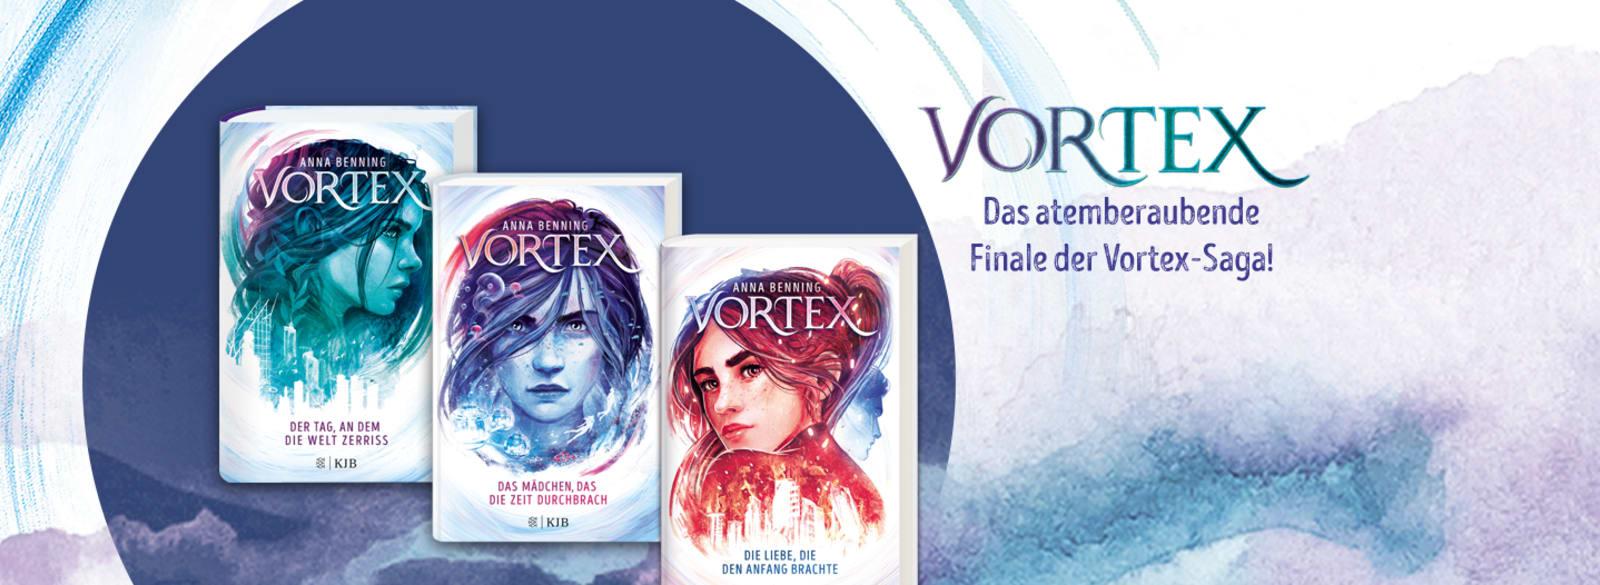 Herobanner_Vortex Finale